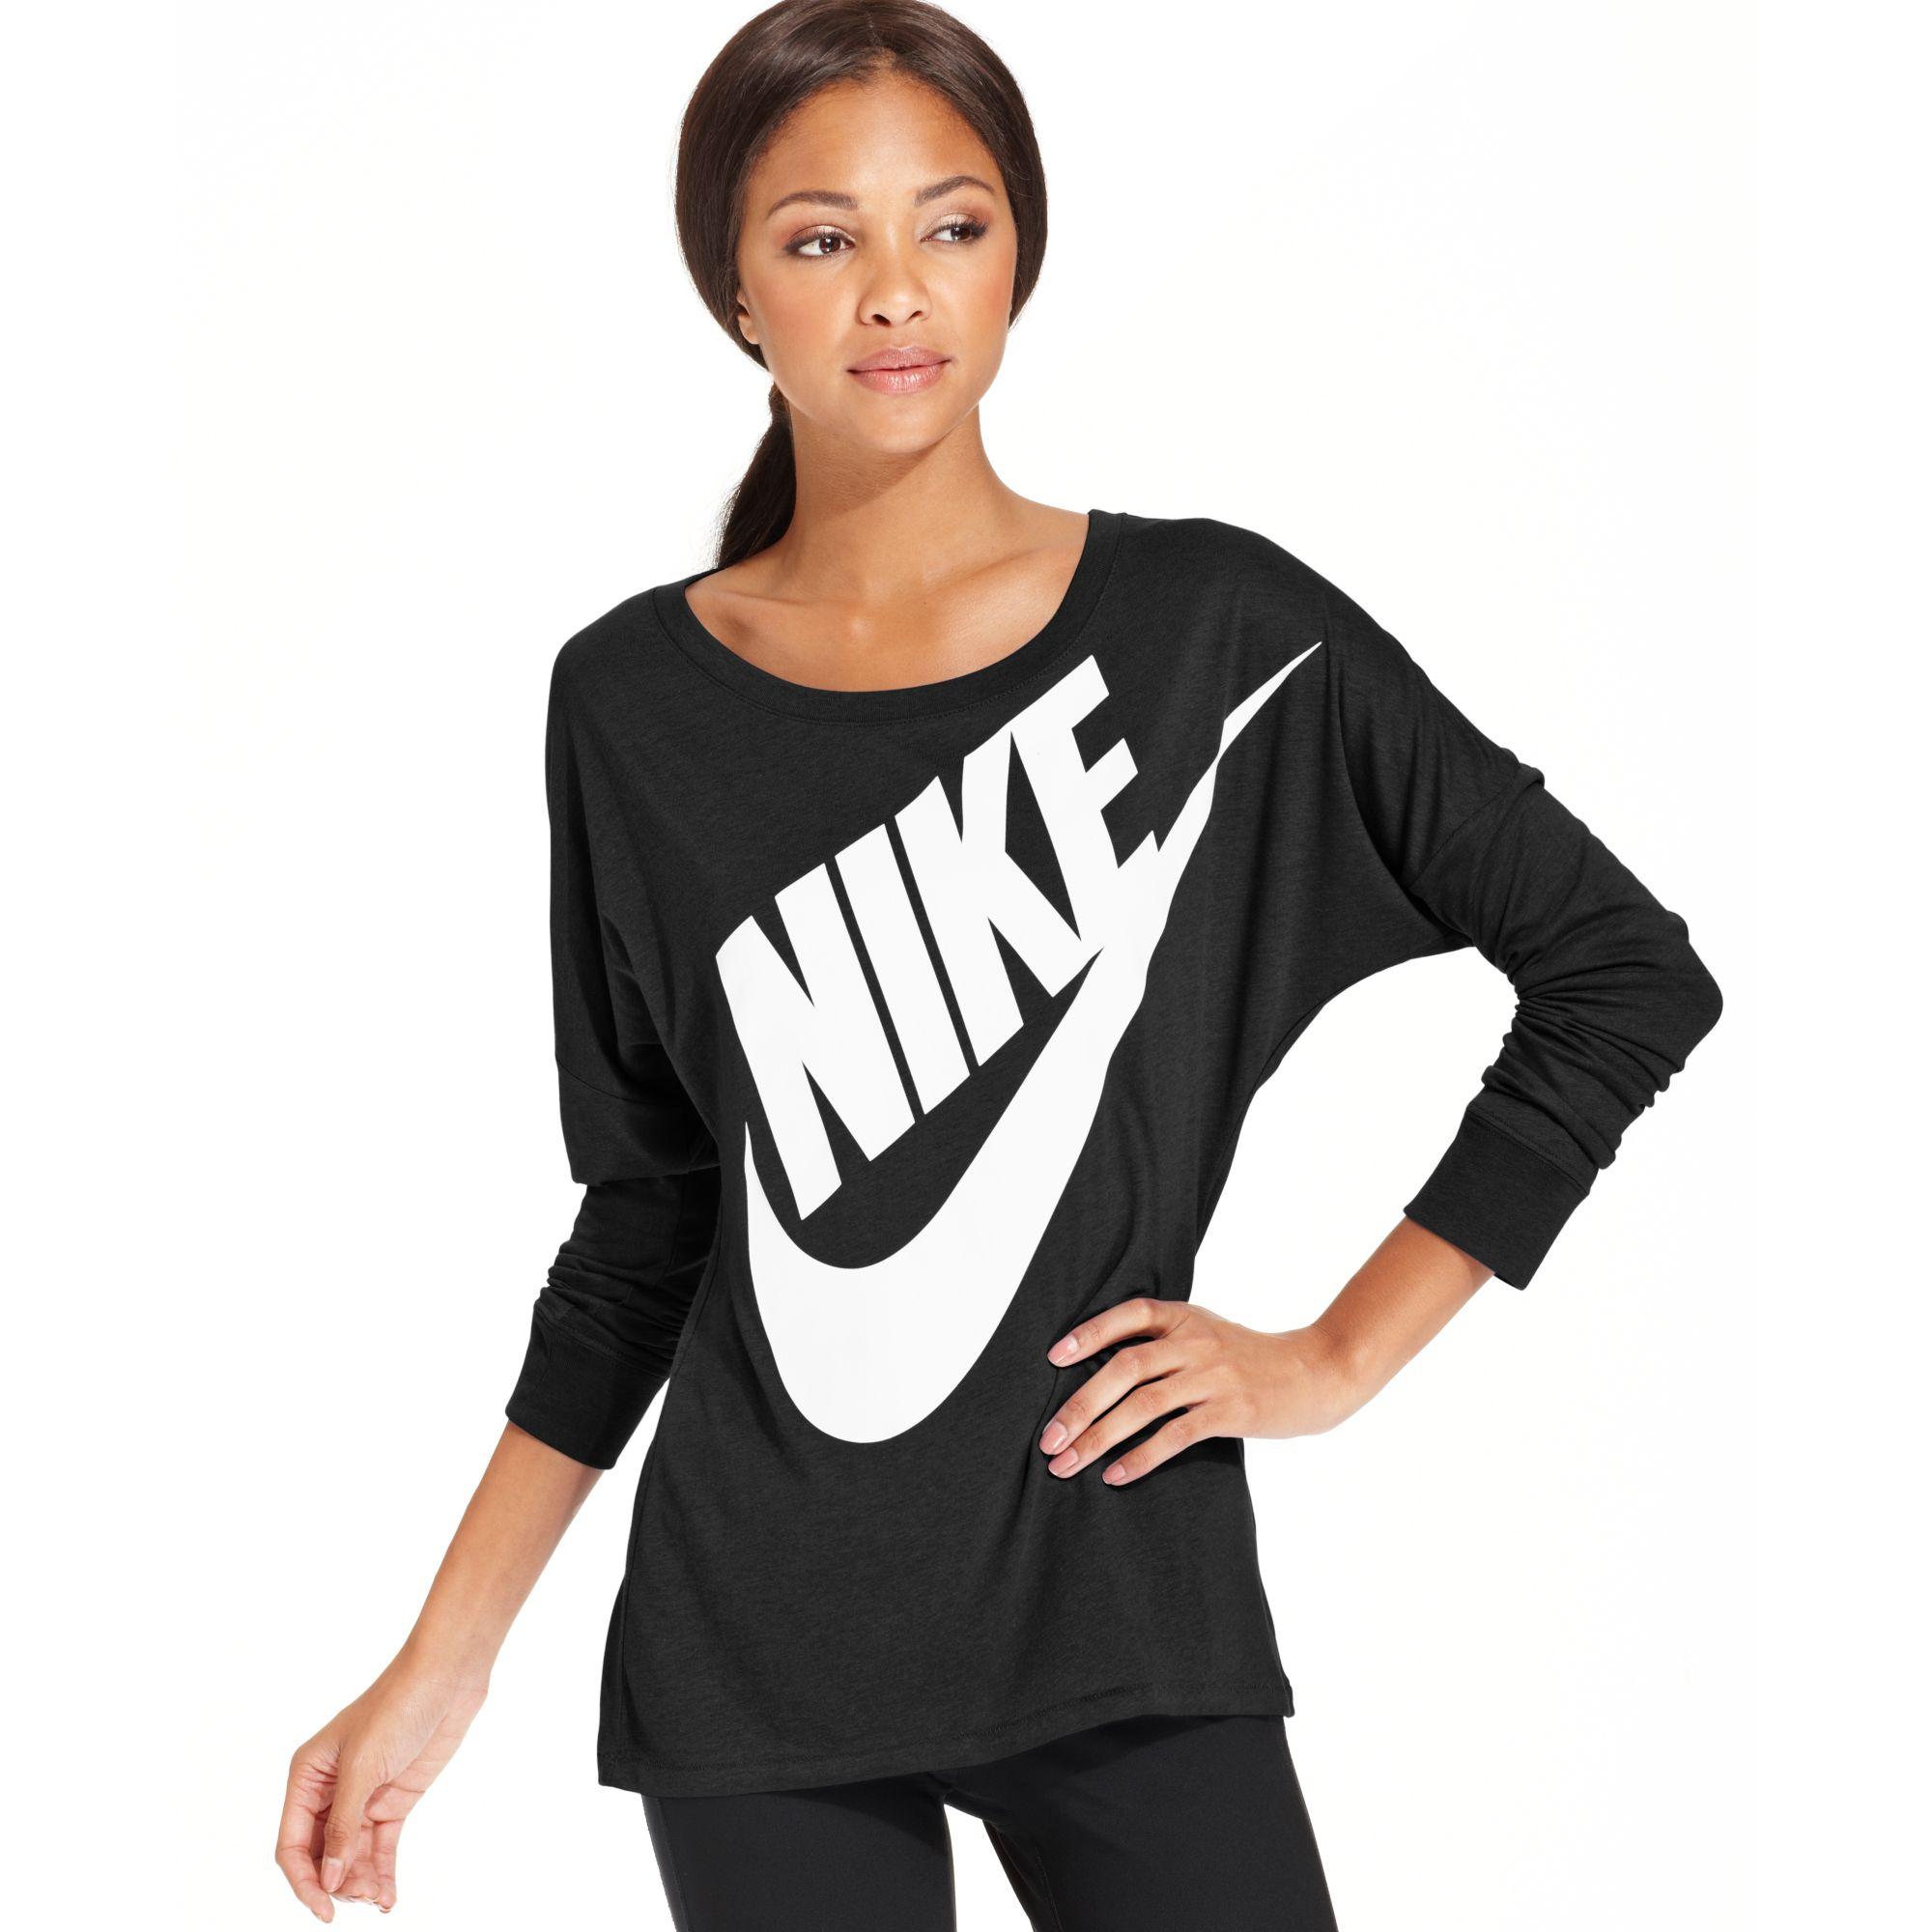 e263bdd1a8ca Lyst - Nike Freestyler Longsleeve Logo Highlow in Black  Nike Womens Power  Longsleeve Top ...